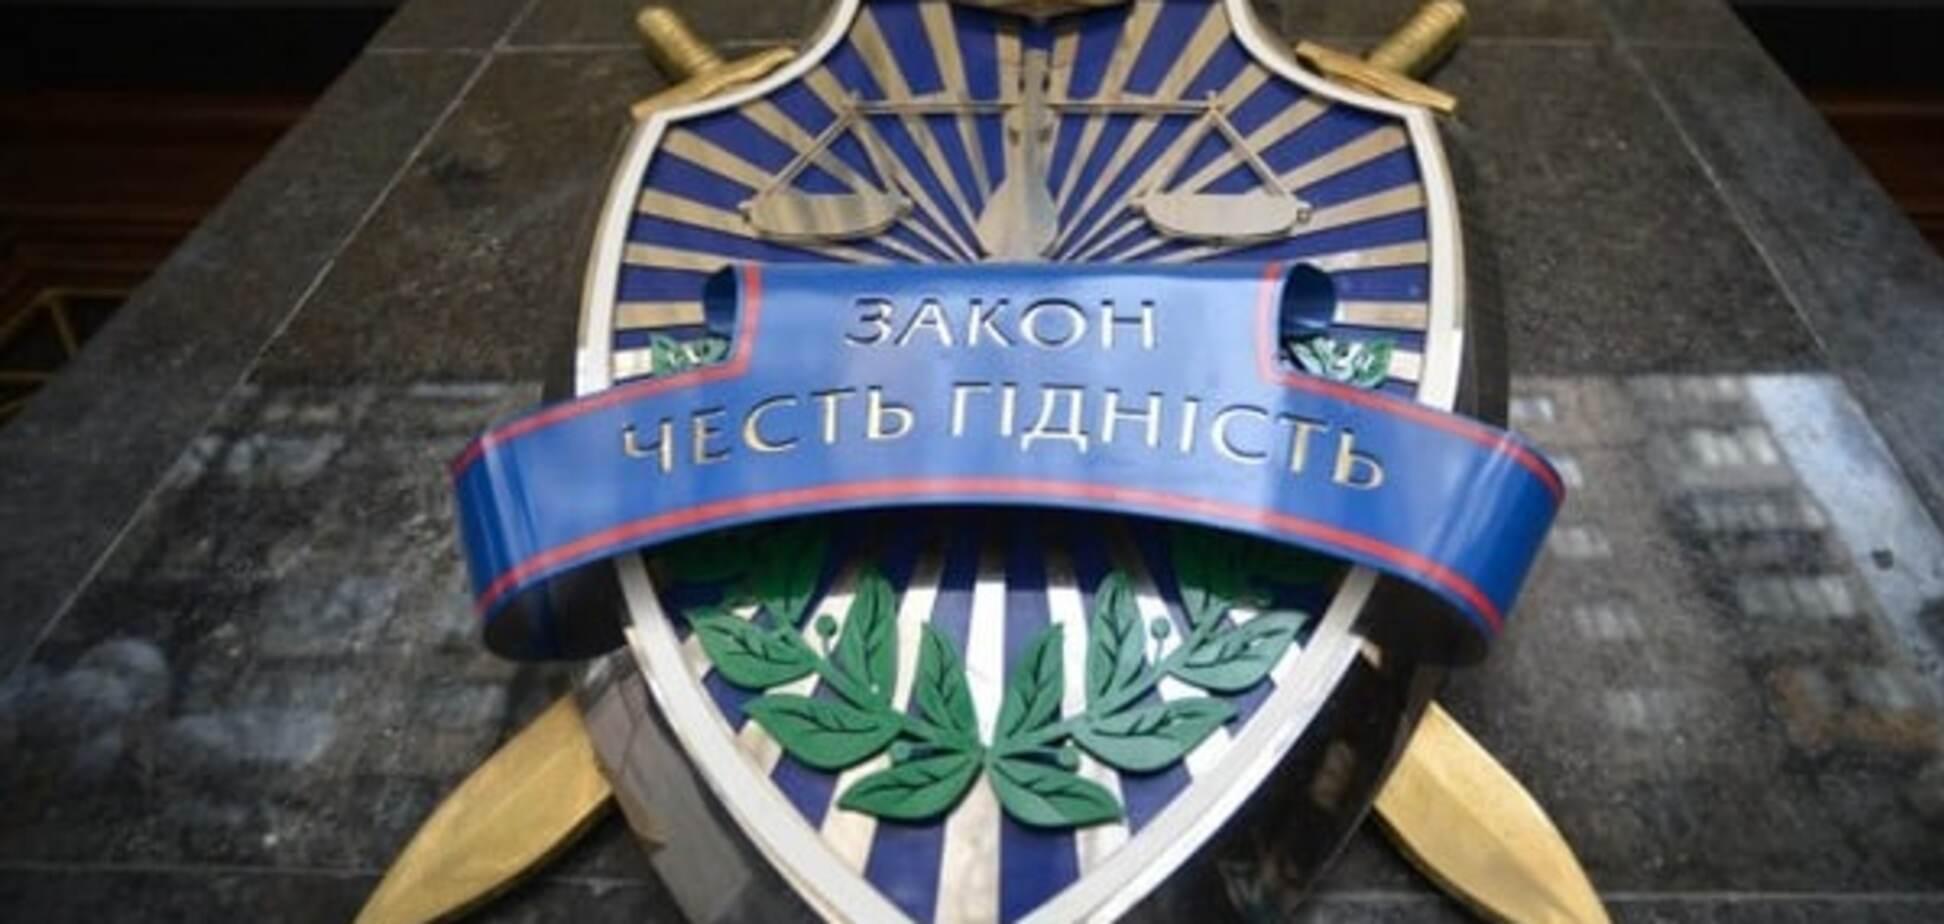 Нові прізвища: у ГПУ анонсували зняття недоторканності з низки депутатів